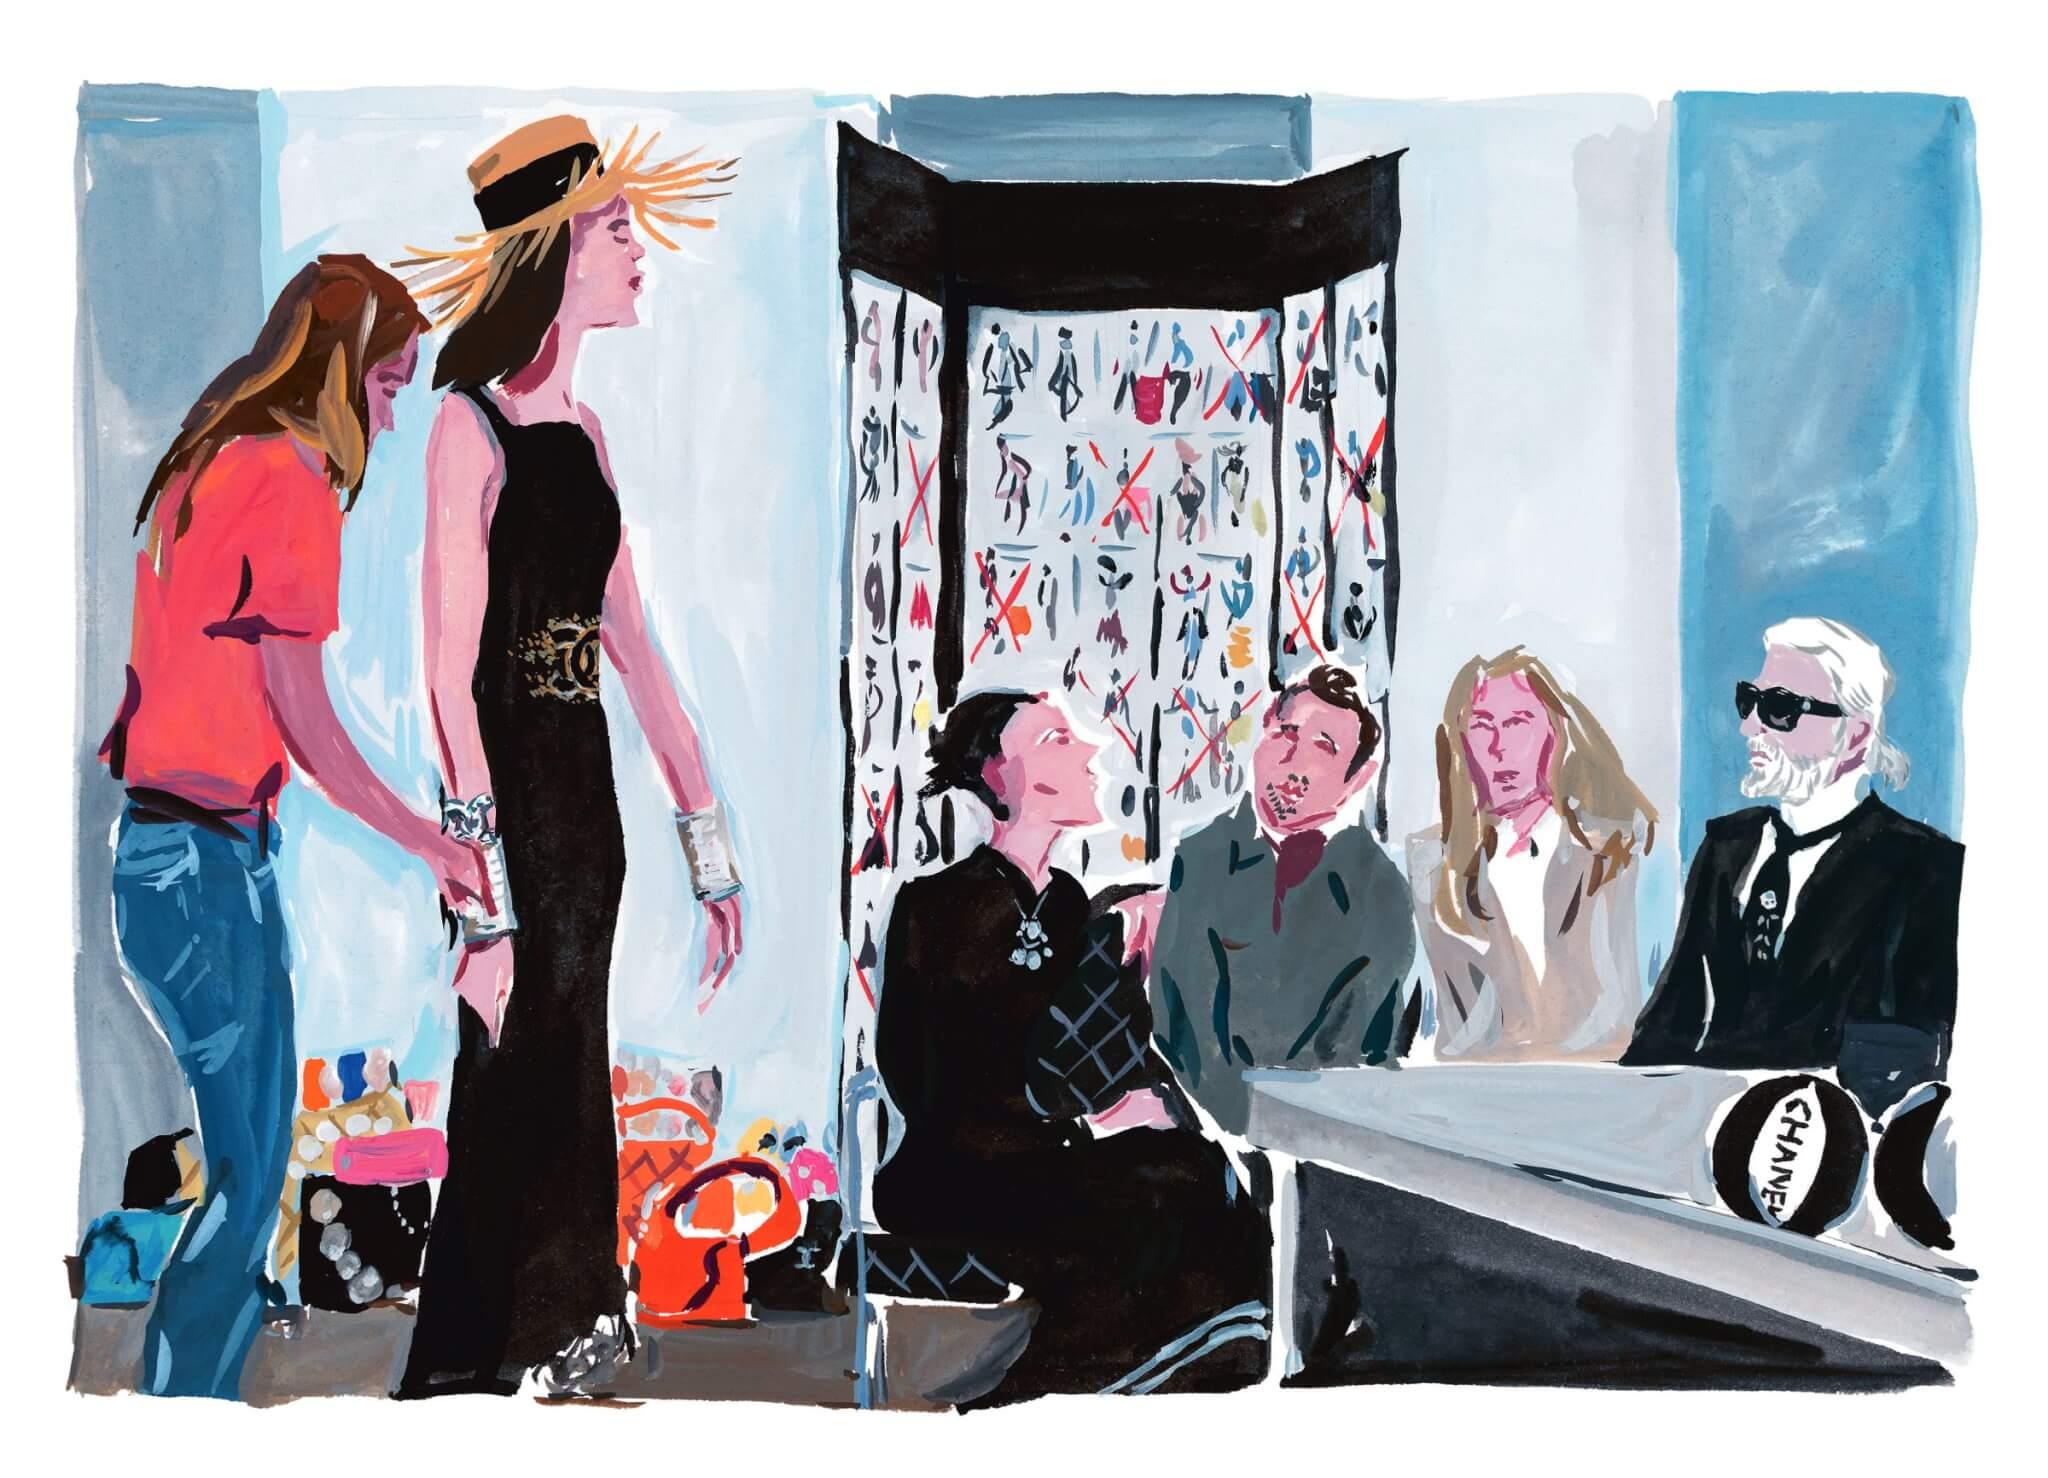 著名畫家Jean-Philippe Delhomme擅長馬克筆的技法,以細膩的水彩繪畫Chanel的故事。